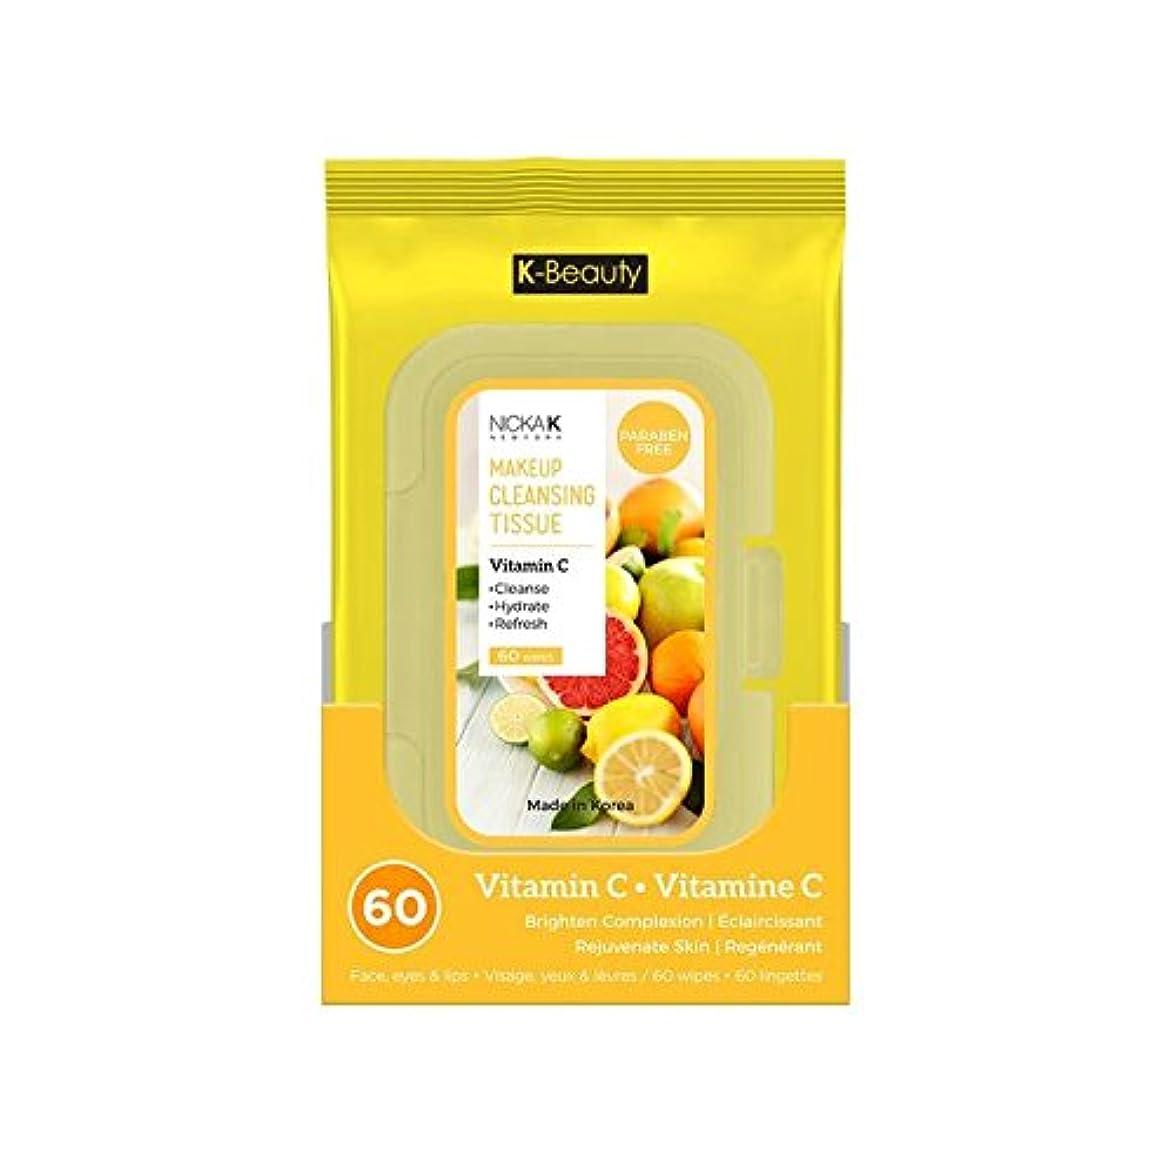 いちゃつくニッケルに向けて出発(6 Pack) NICKA K Make Up Cleansing Tissue - Vitamin C (並行輸入品)